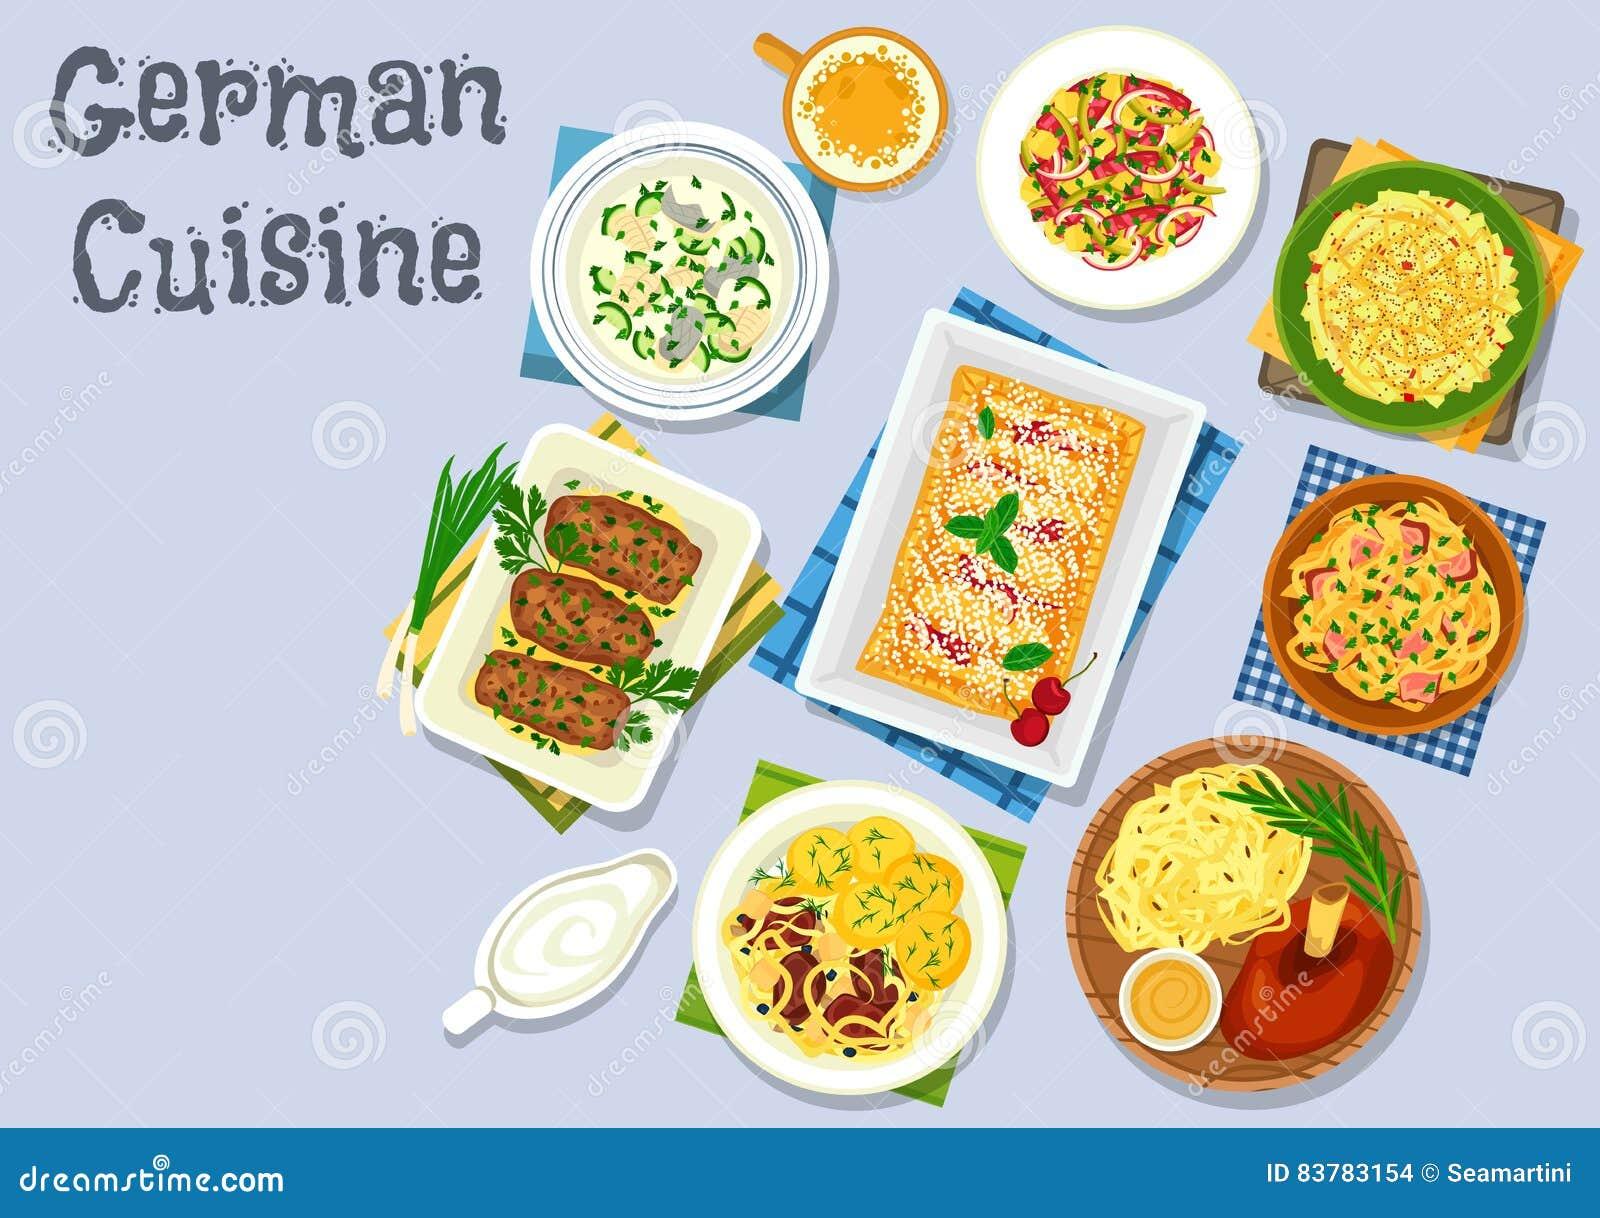 Disegno cucinare con la birra ispirazioni design dell - La cucina tedesca ...